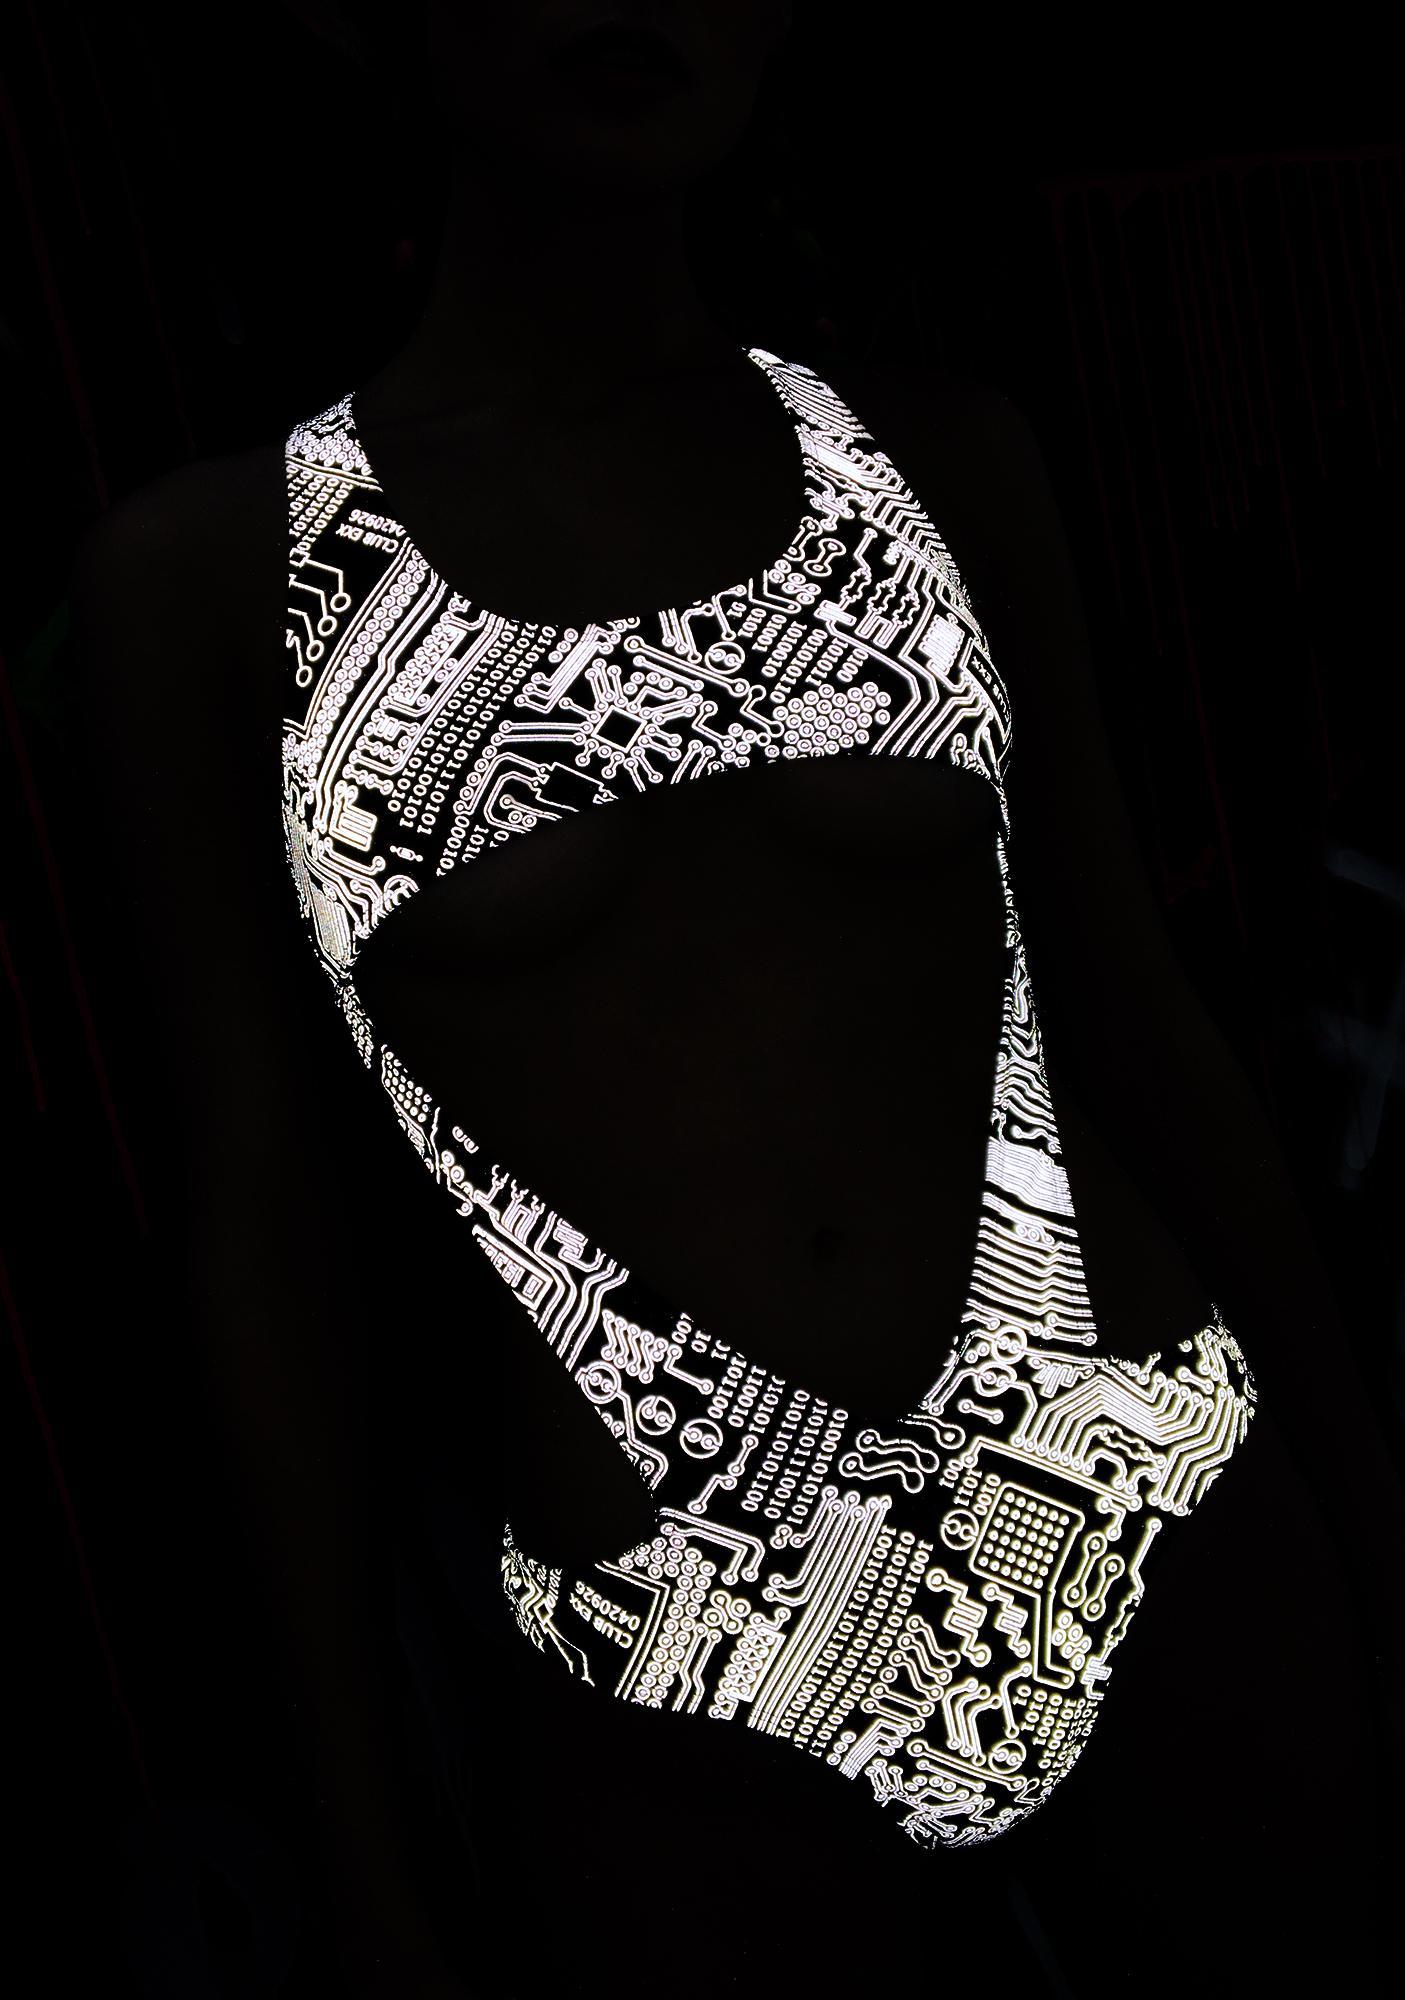 Club Exx Technosexxual Reflective Bodysuit